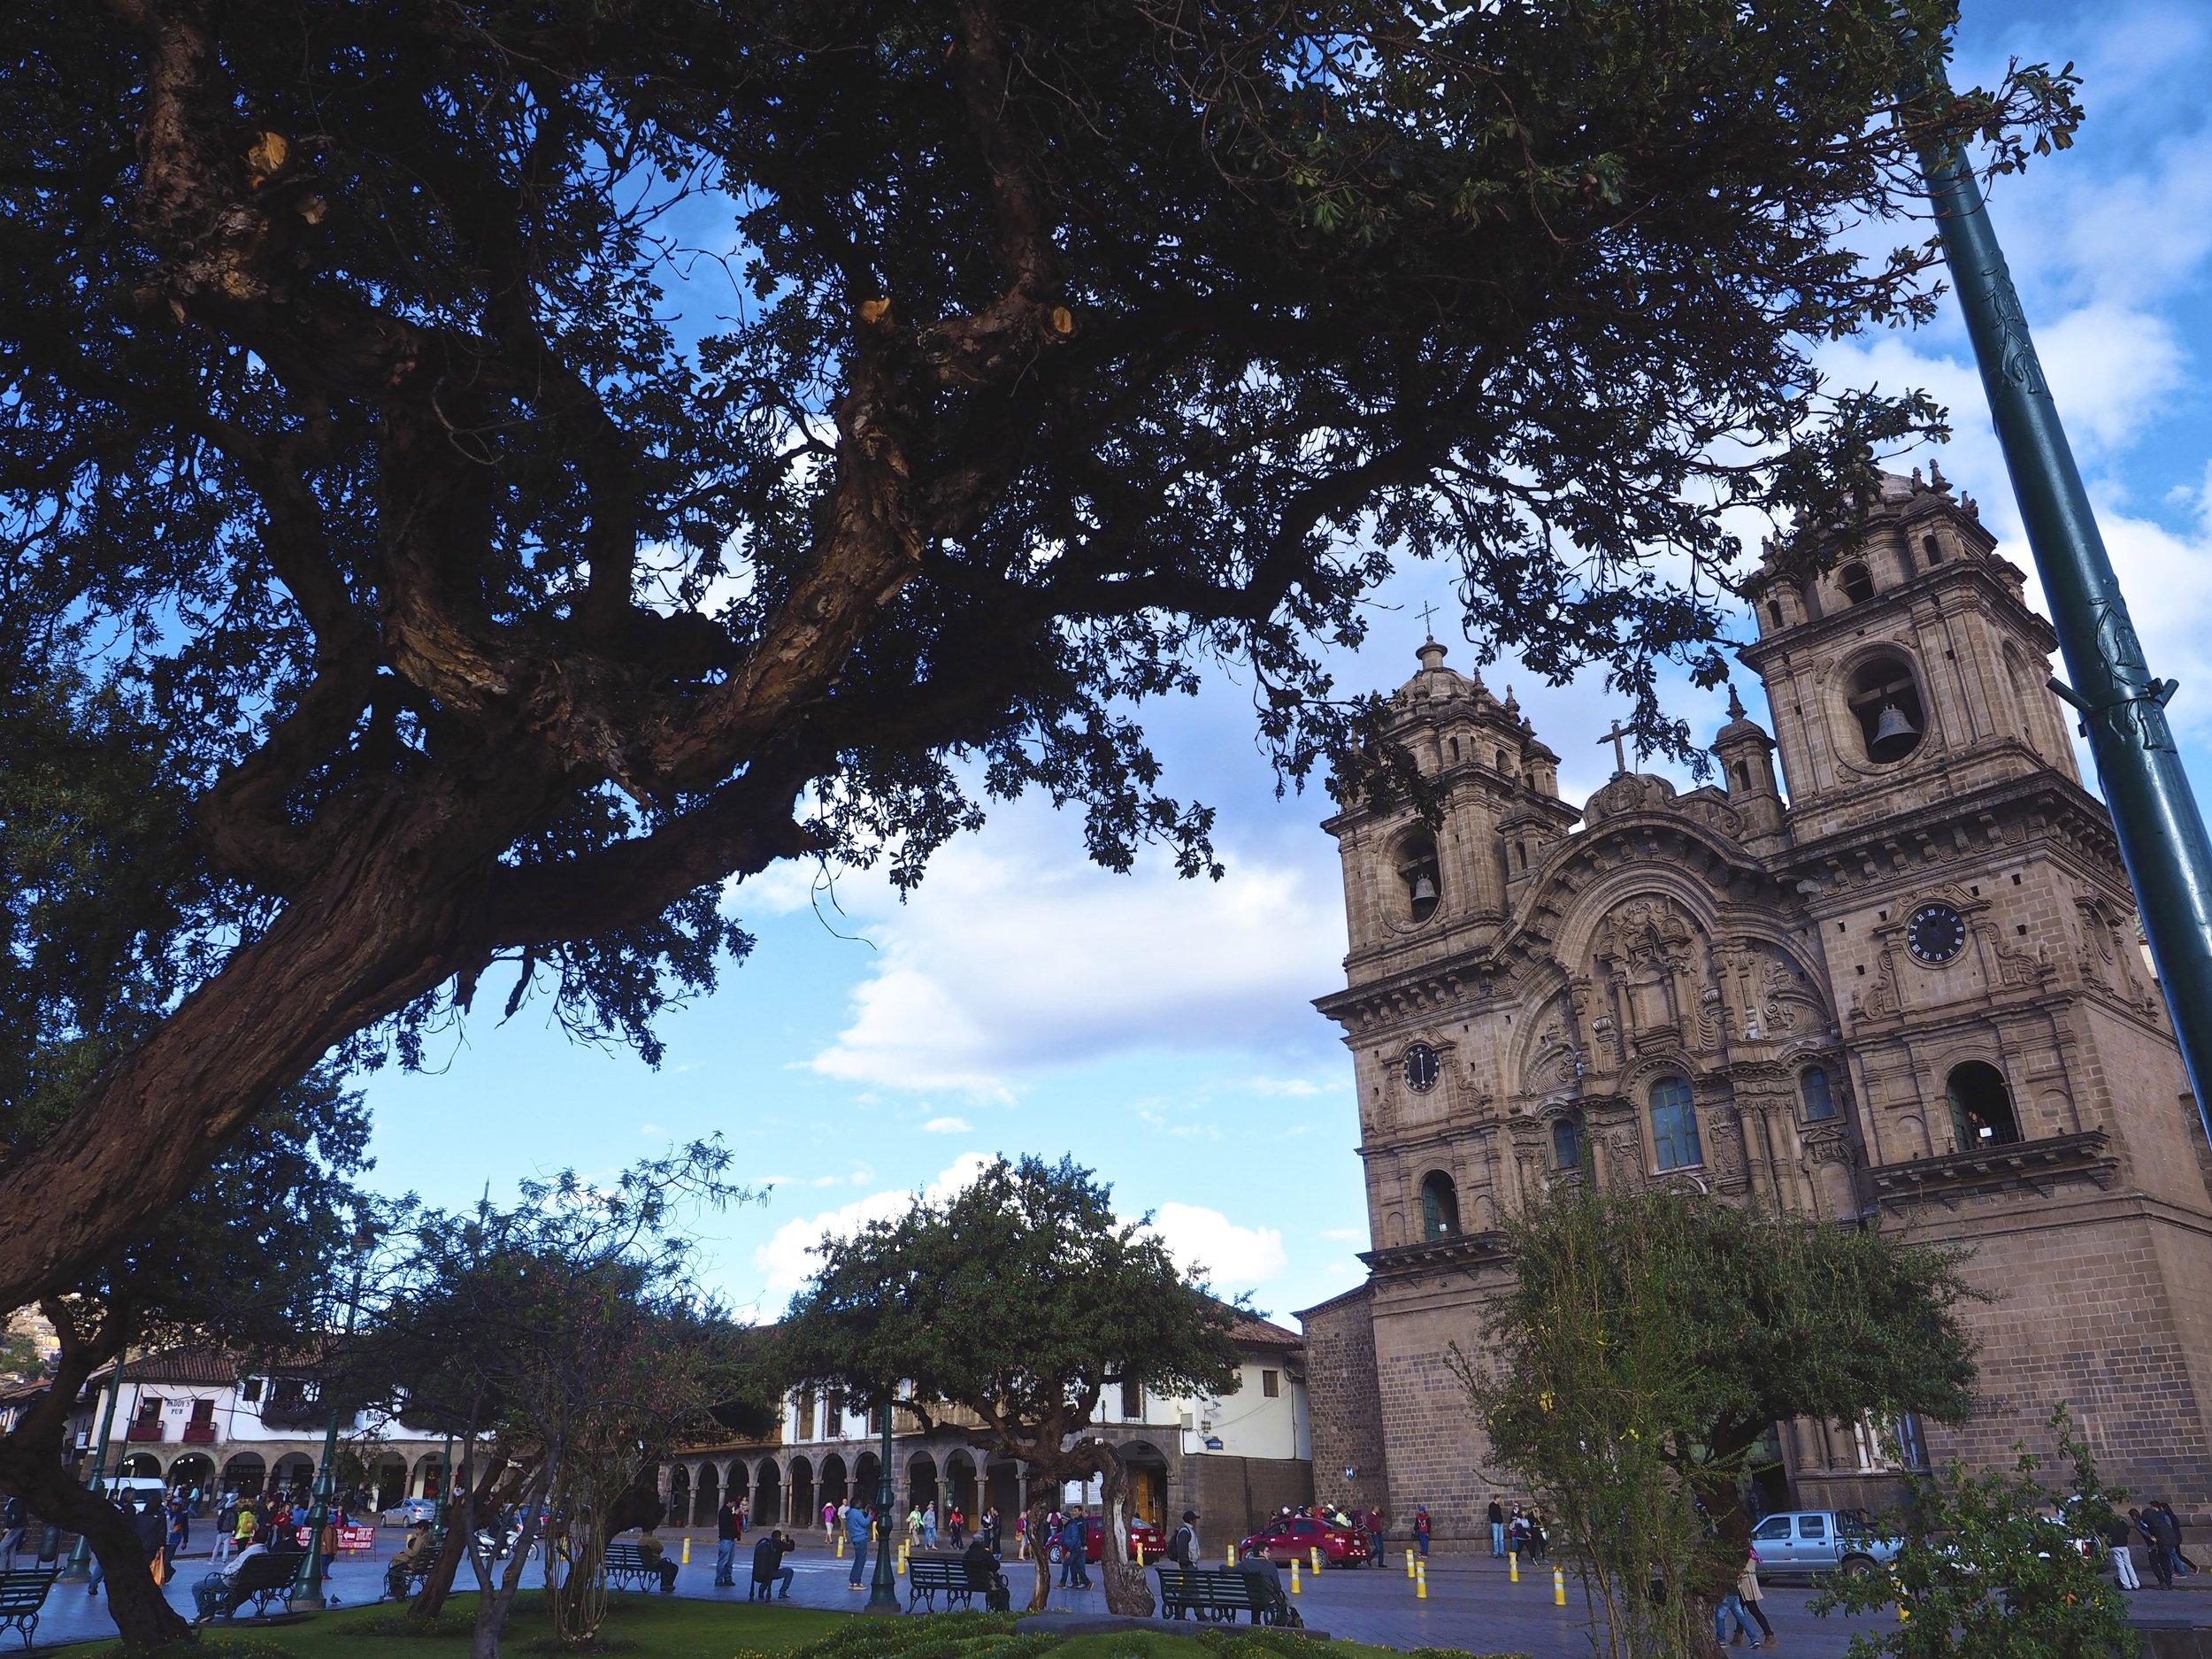 Plaza De Armas, the center of the Cuzco City, Peru.